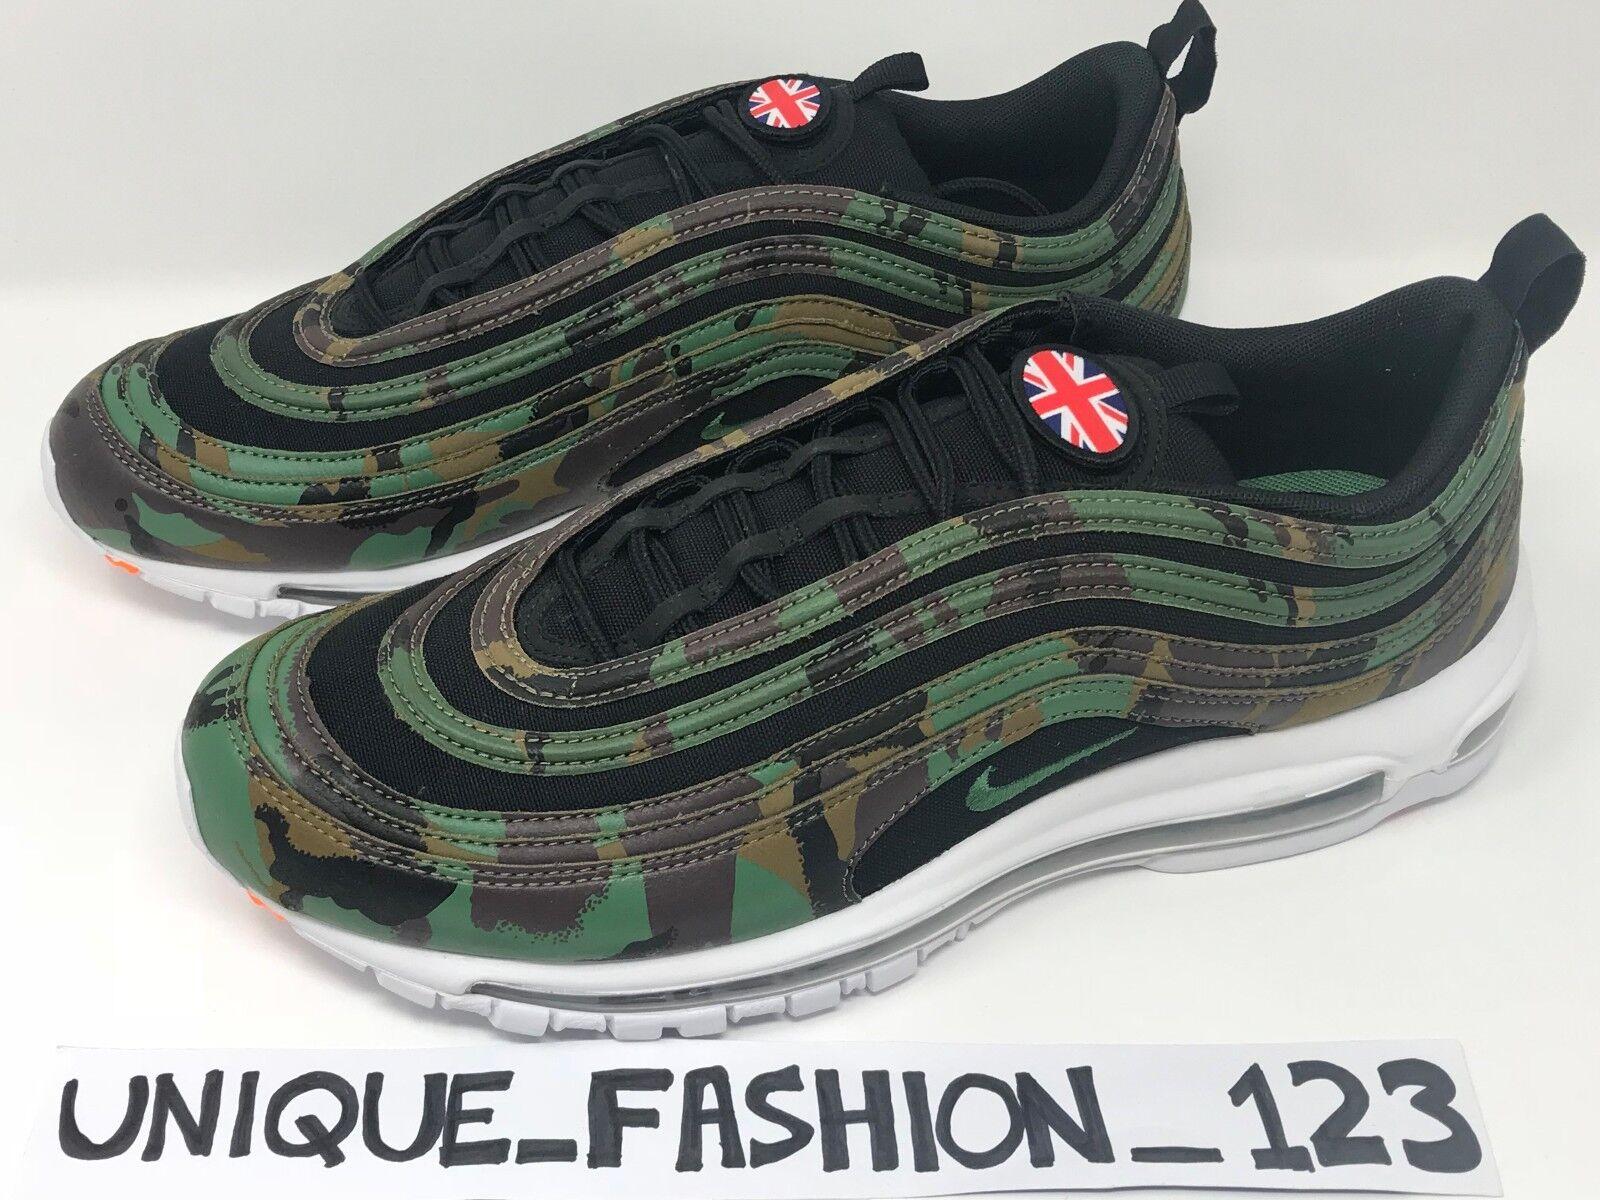 Nike air max 97 regno unito paese mimetico pack qs 6 7 8 9 10 11 12 aj2614-201 premio